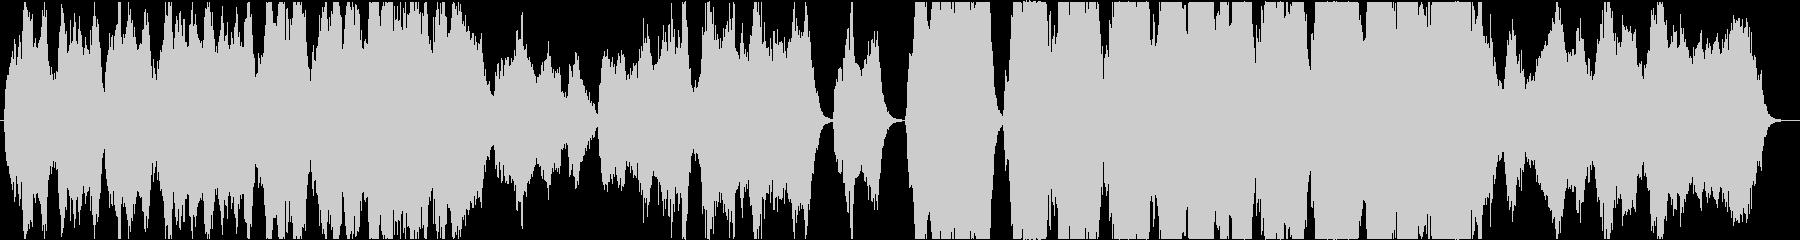 ストリングスによる壮大な和風曲の未再生の波形